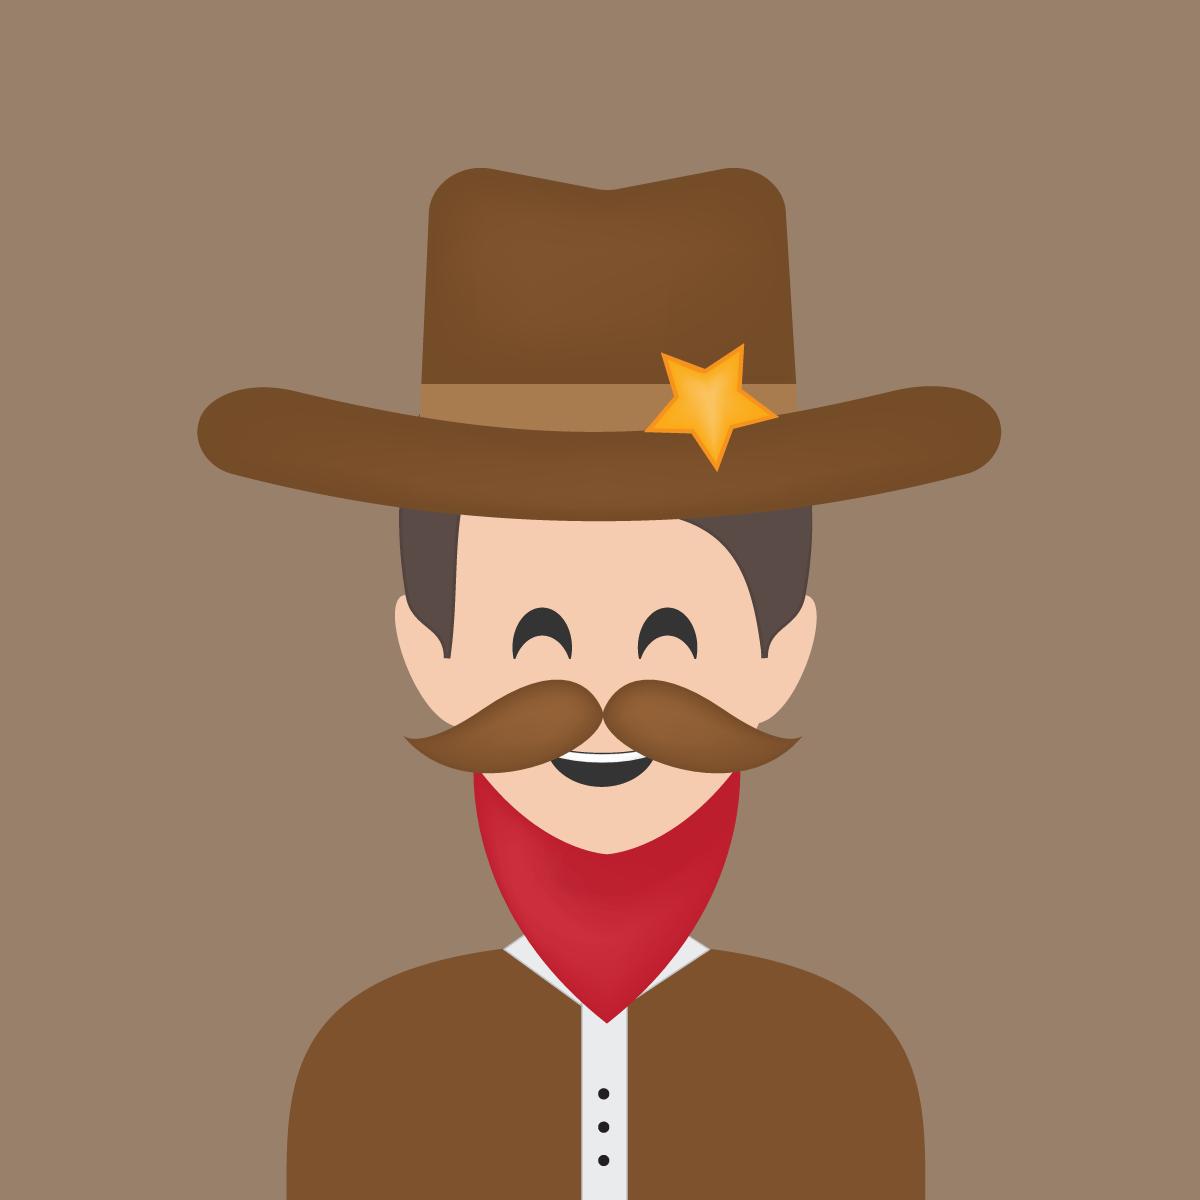 Анекдот про шерифа, который всегда ивовсём находил позитивную сторону